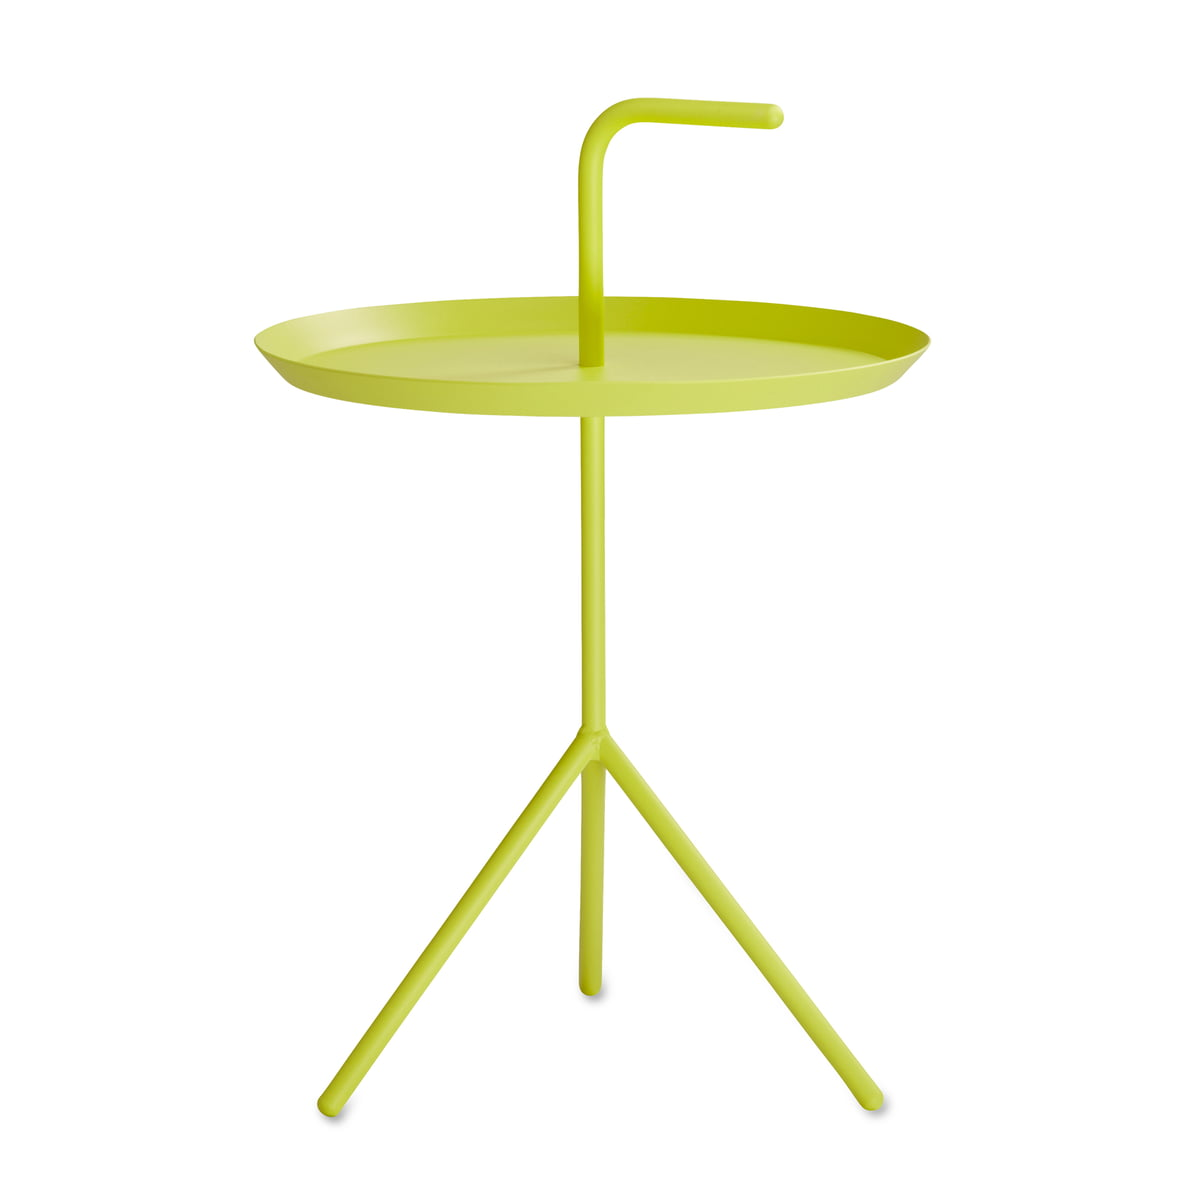 Beistelltisch metall gelb  DLM Beistelltisch von Hay im Wohndesign-Shop